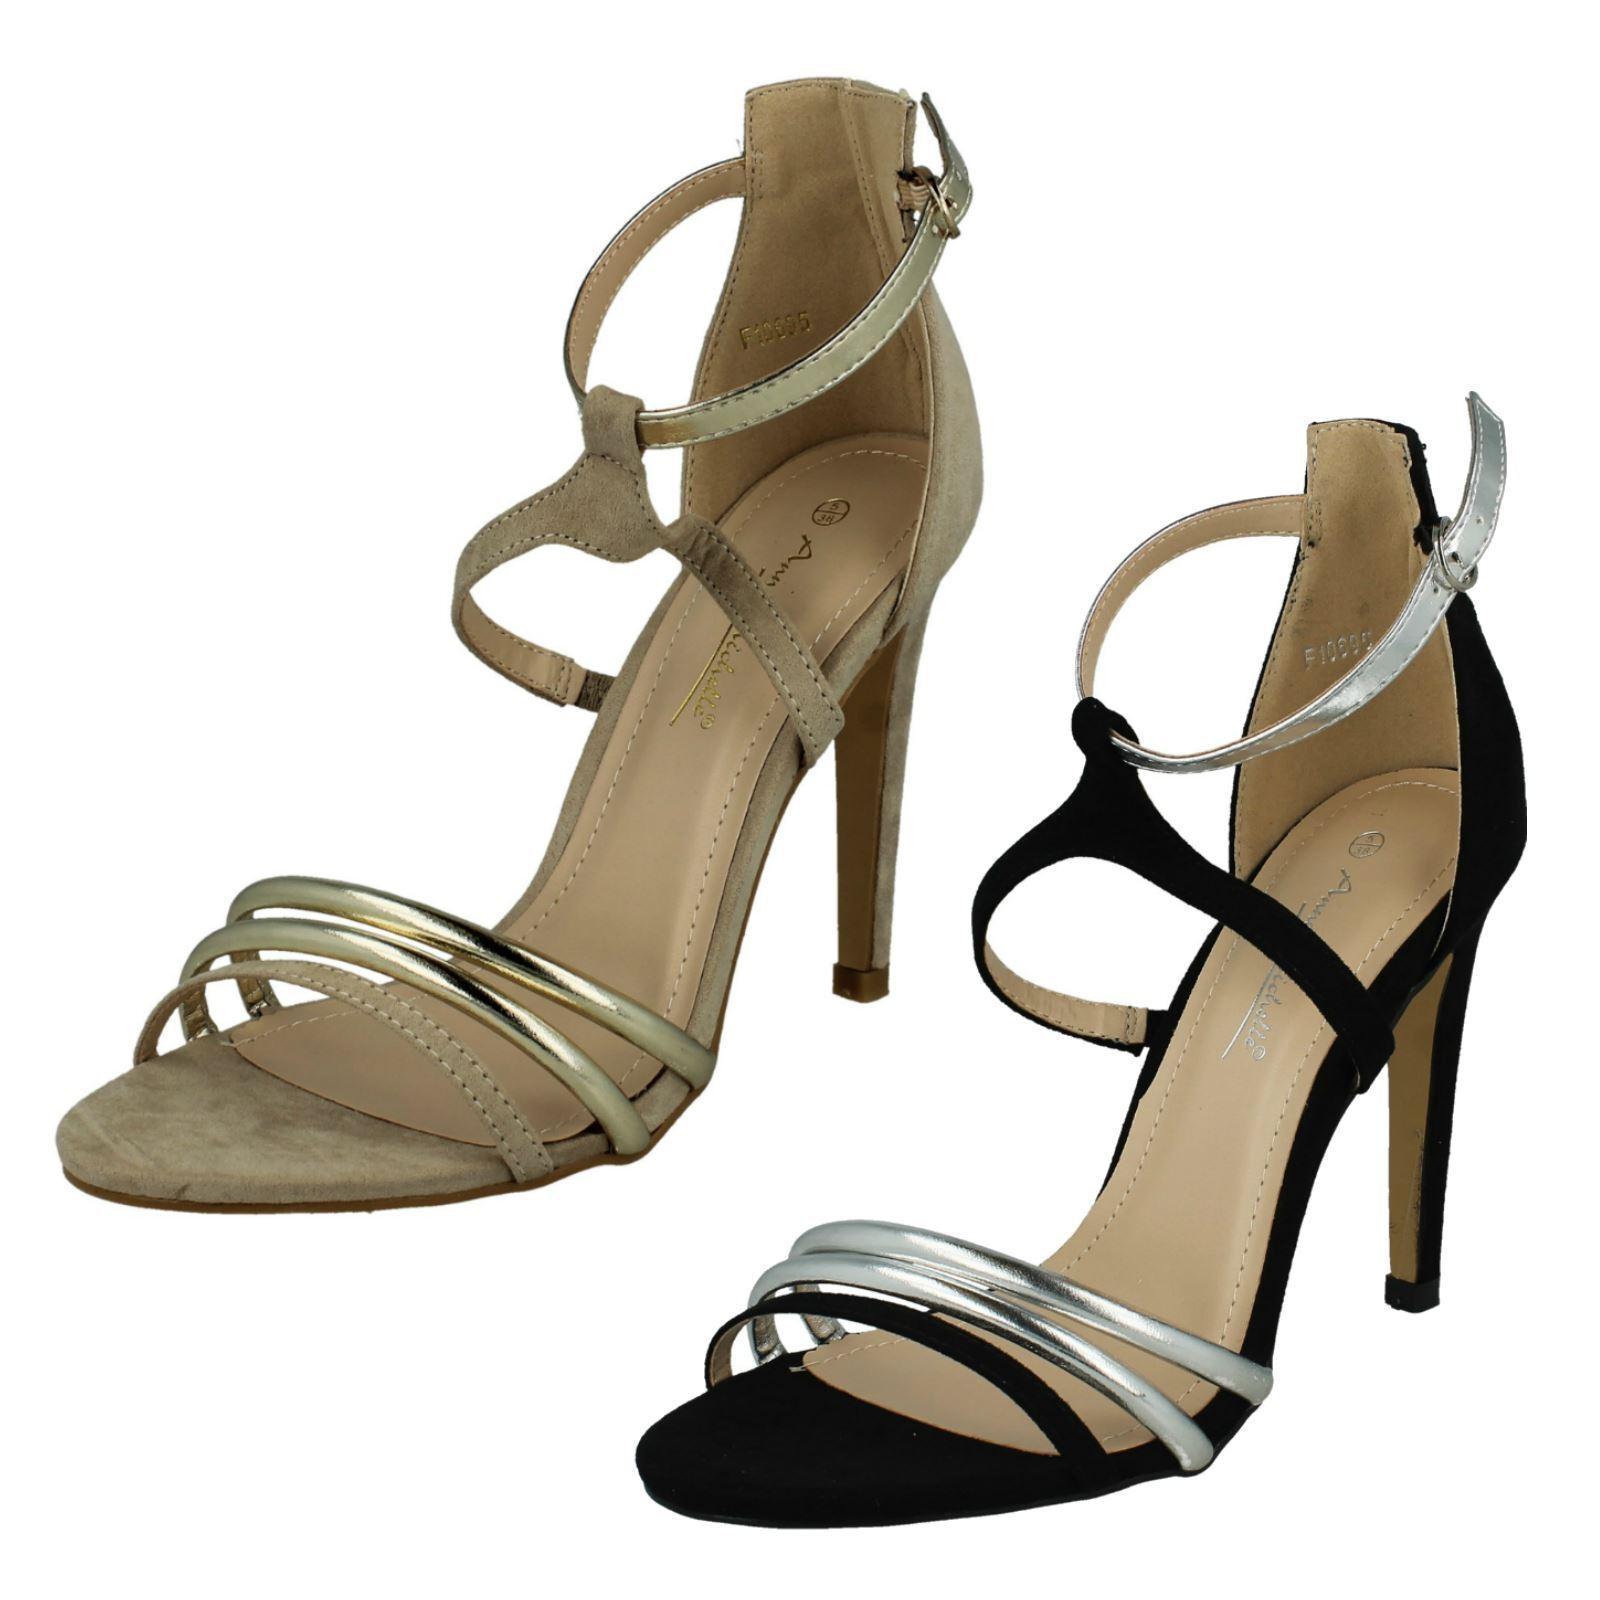 damen-anne Michelle öffnen Zehe hoher Stiletto Absatz Riemchen Abend Sandalen